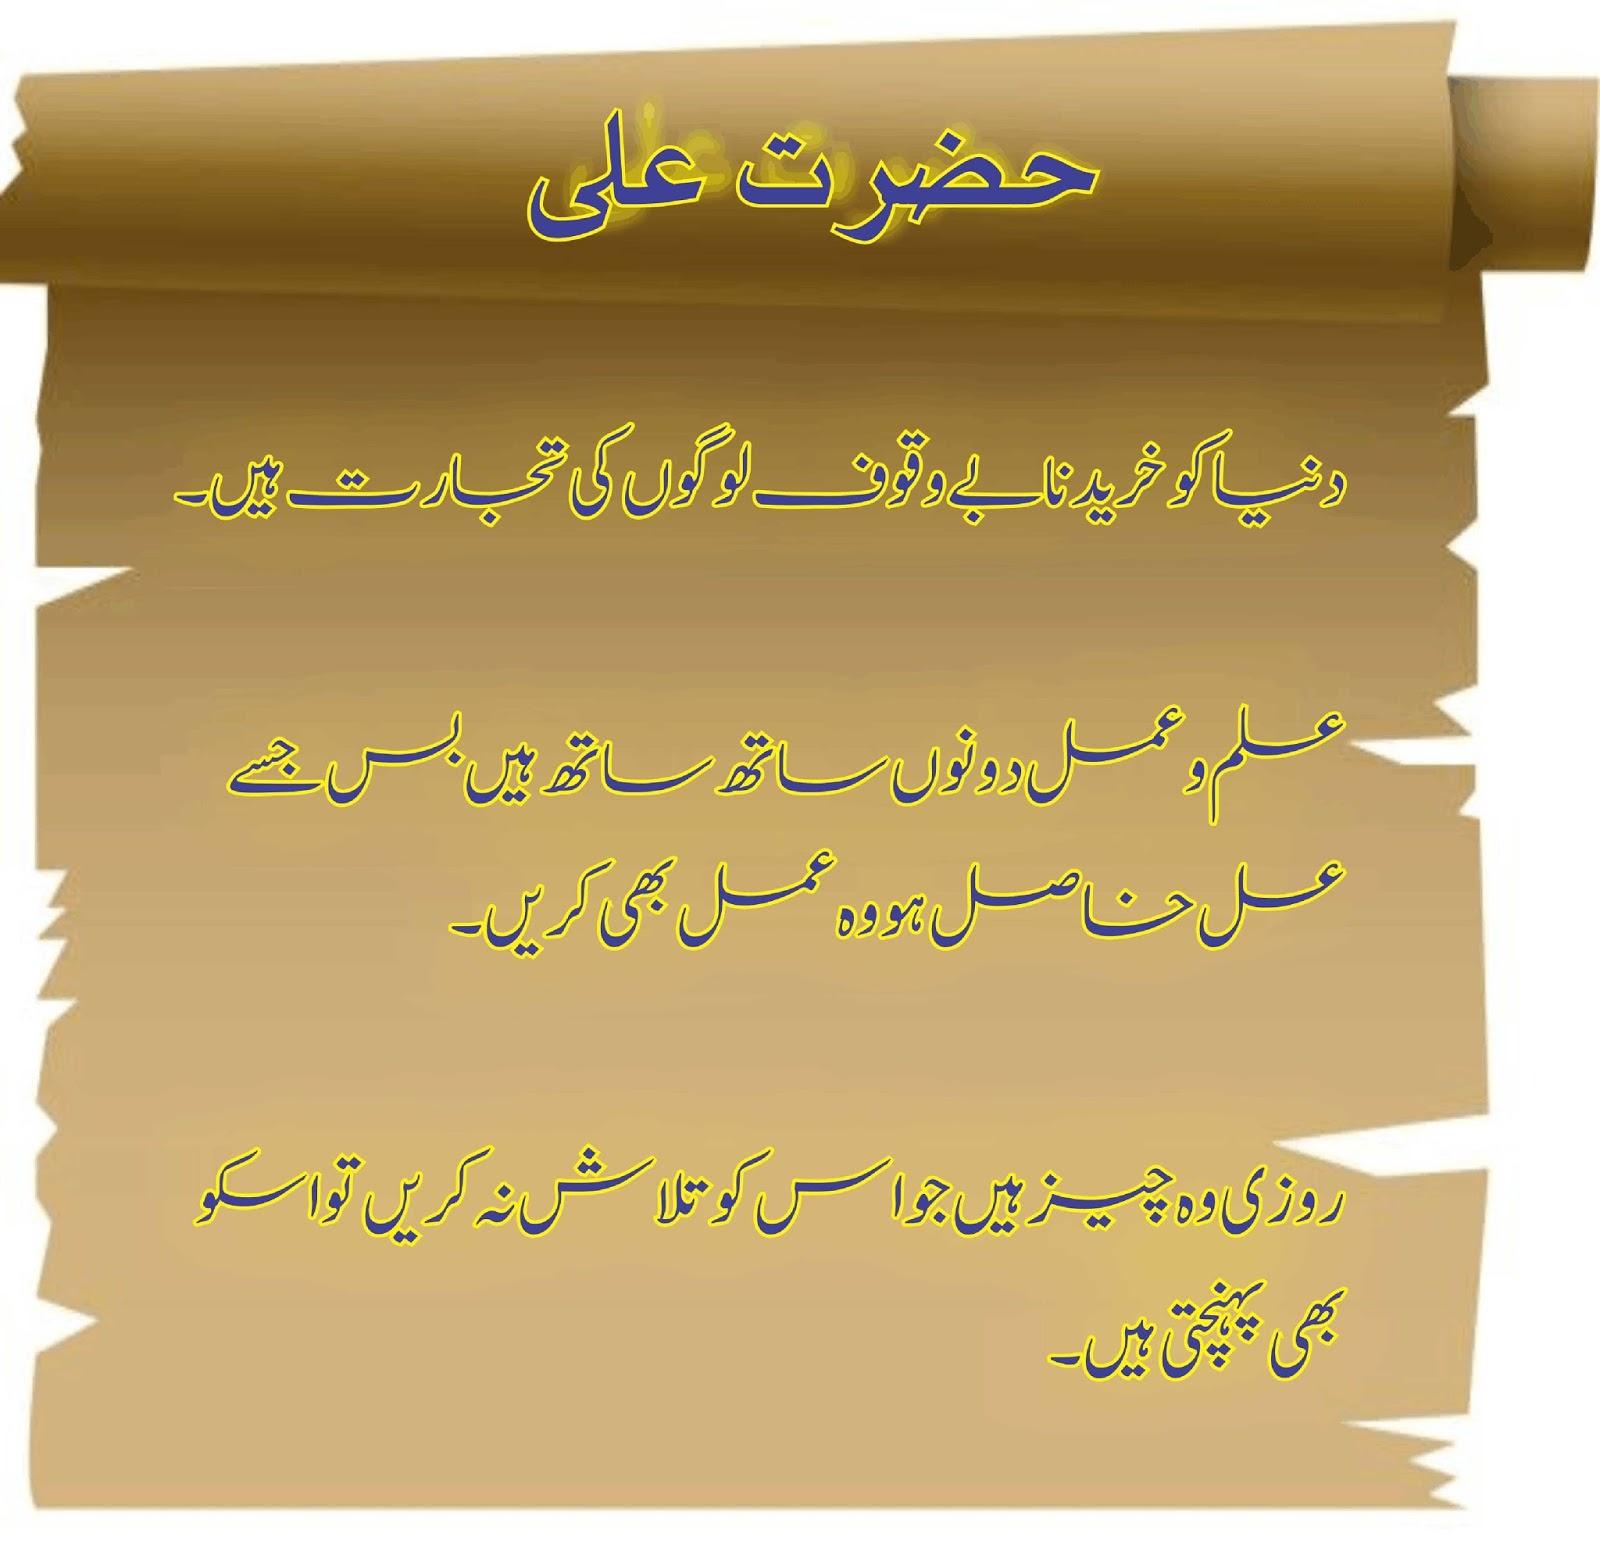 hazrat ali quotes qol sayings in urdu urdu cartoon jokes